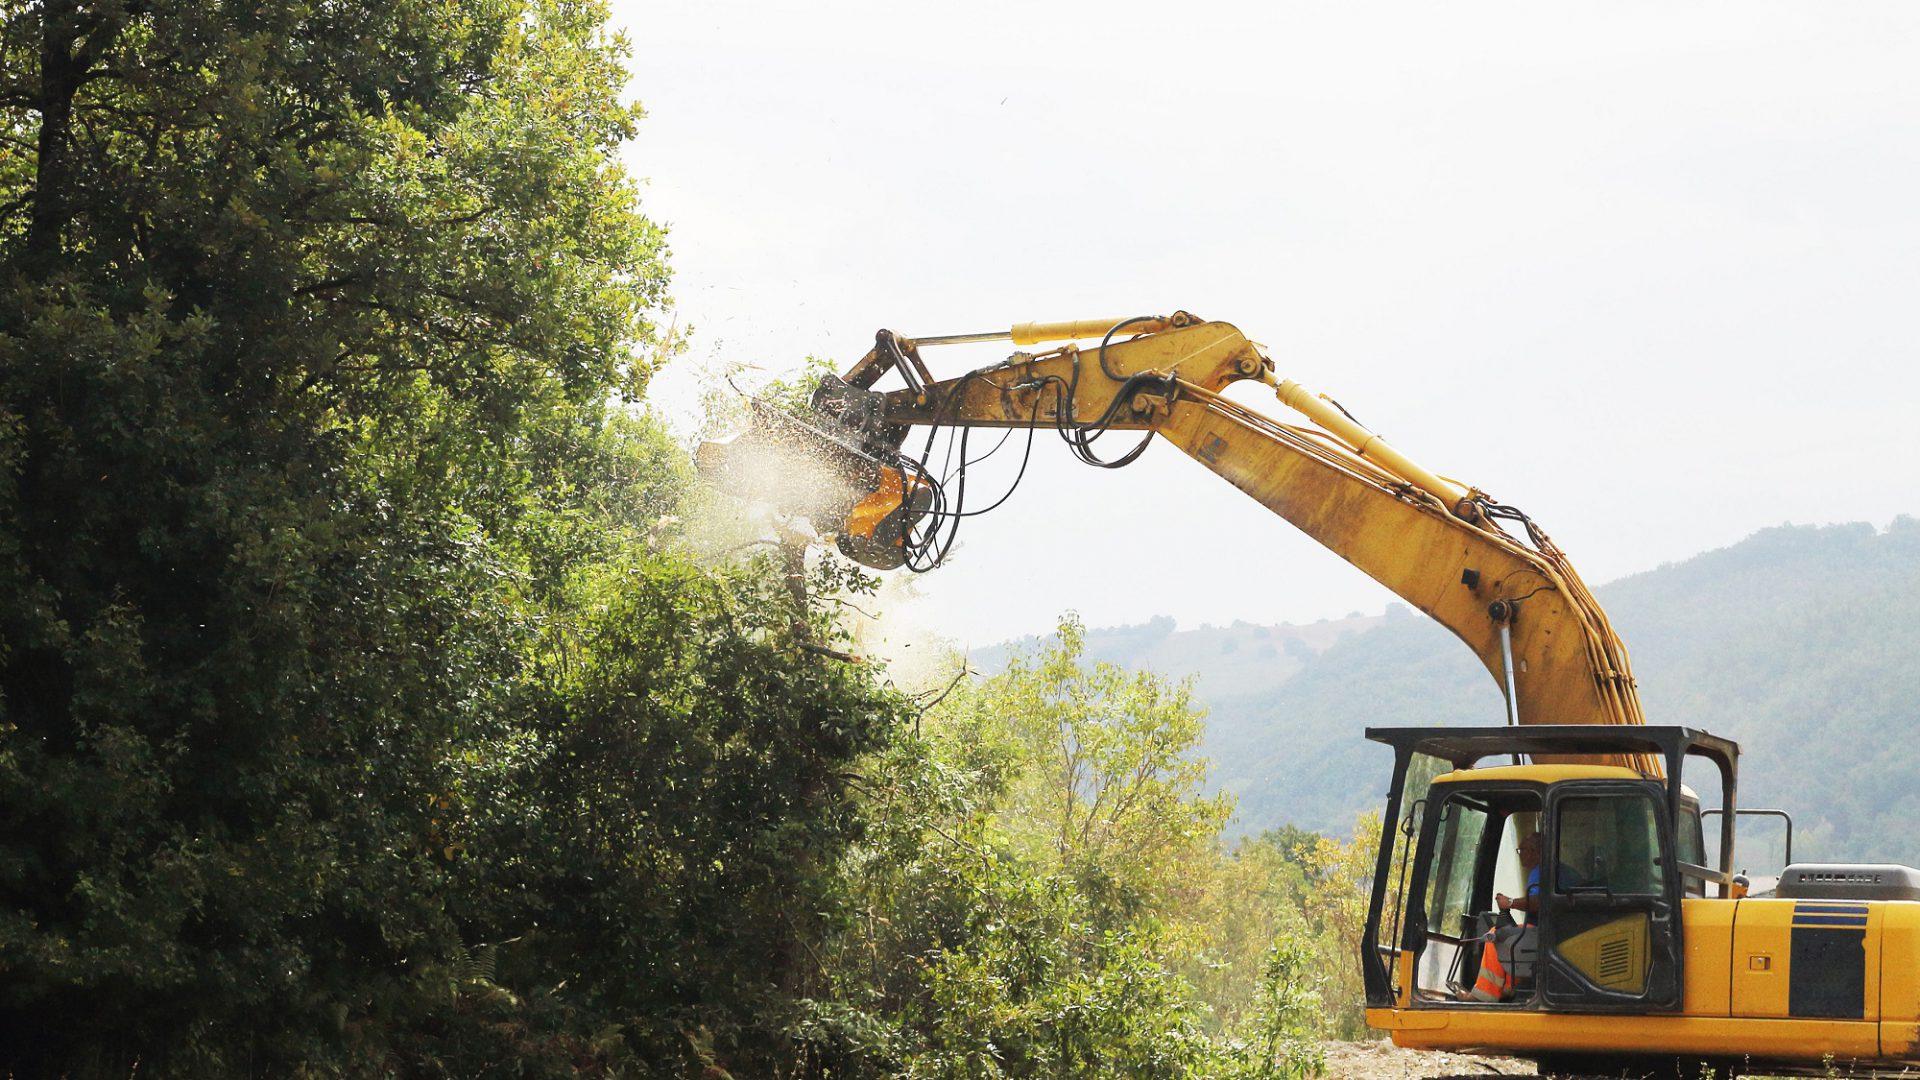 La gamma Femac prevede anche modelli per escavatori fino a 30 tonnellate